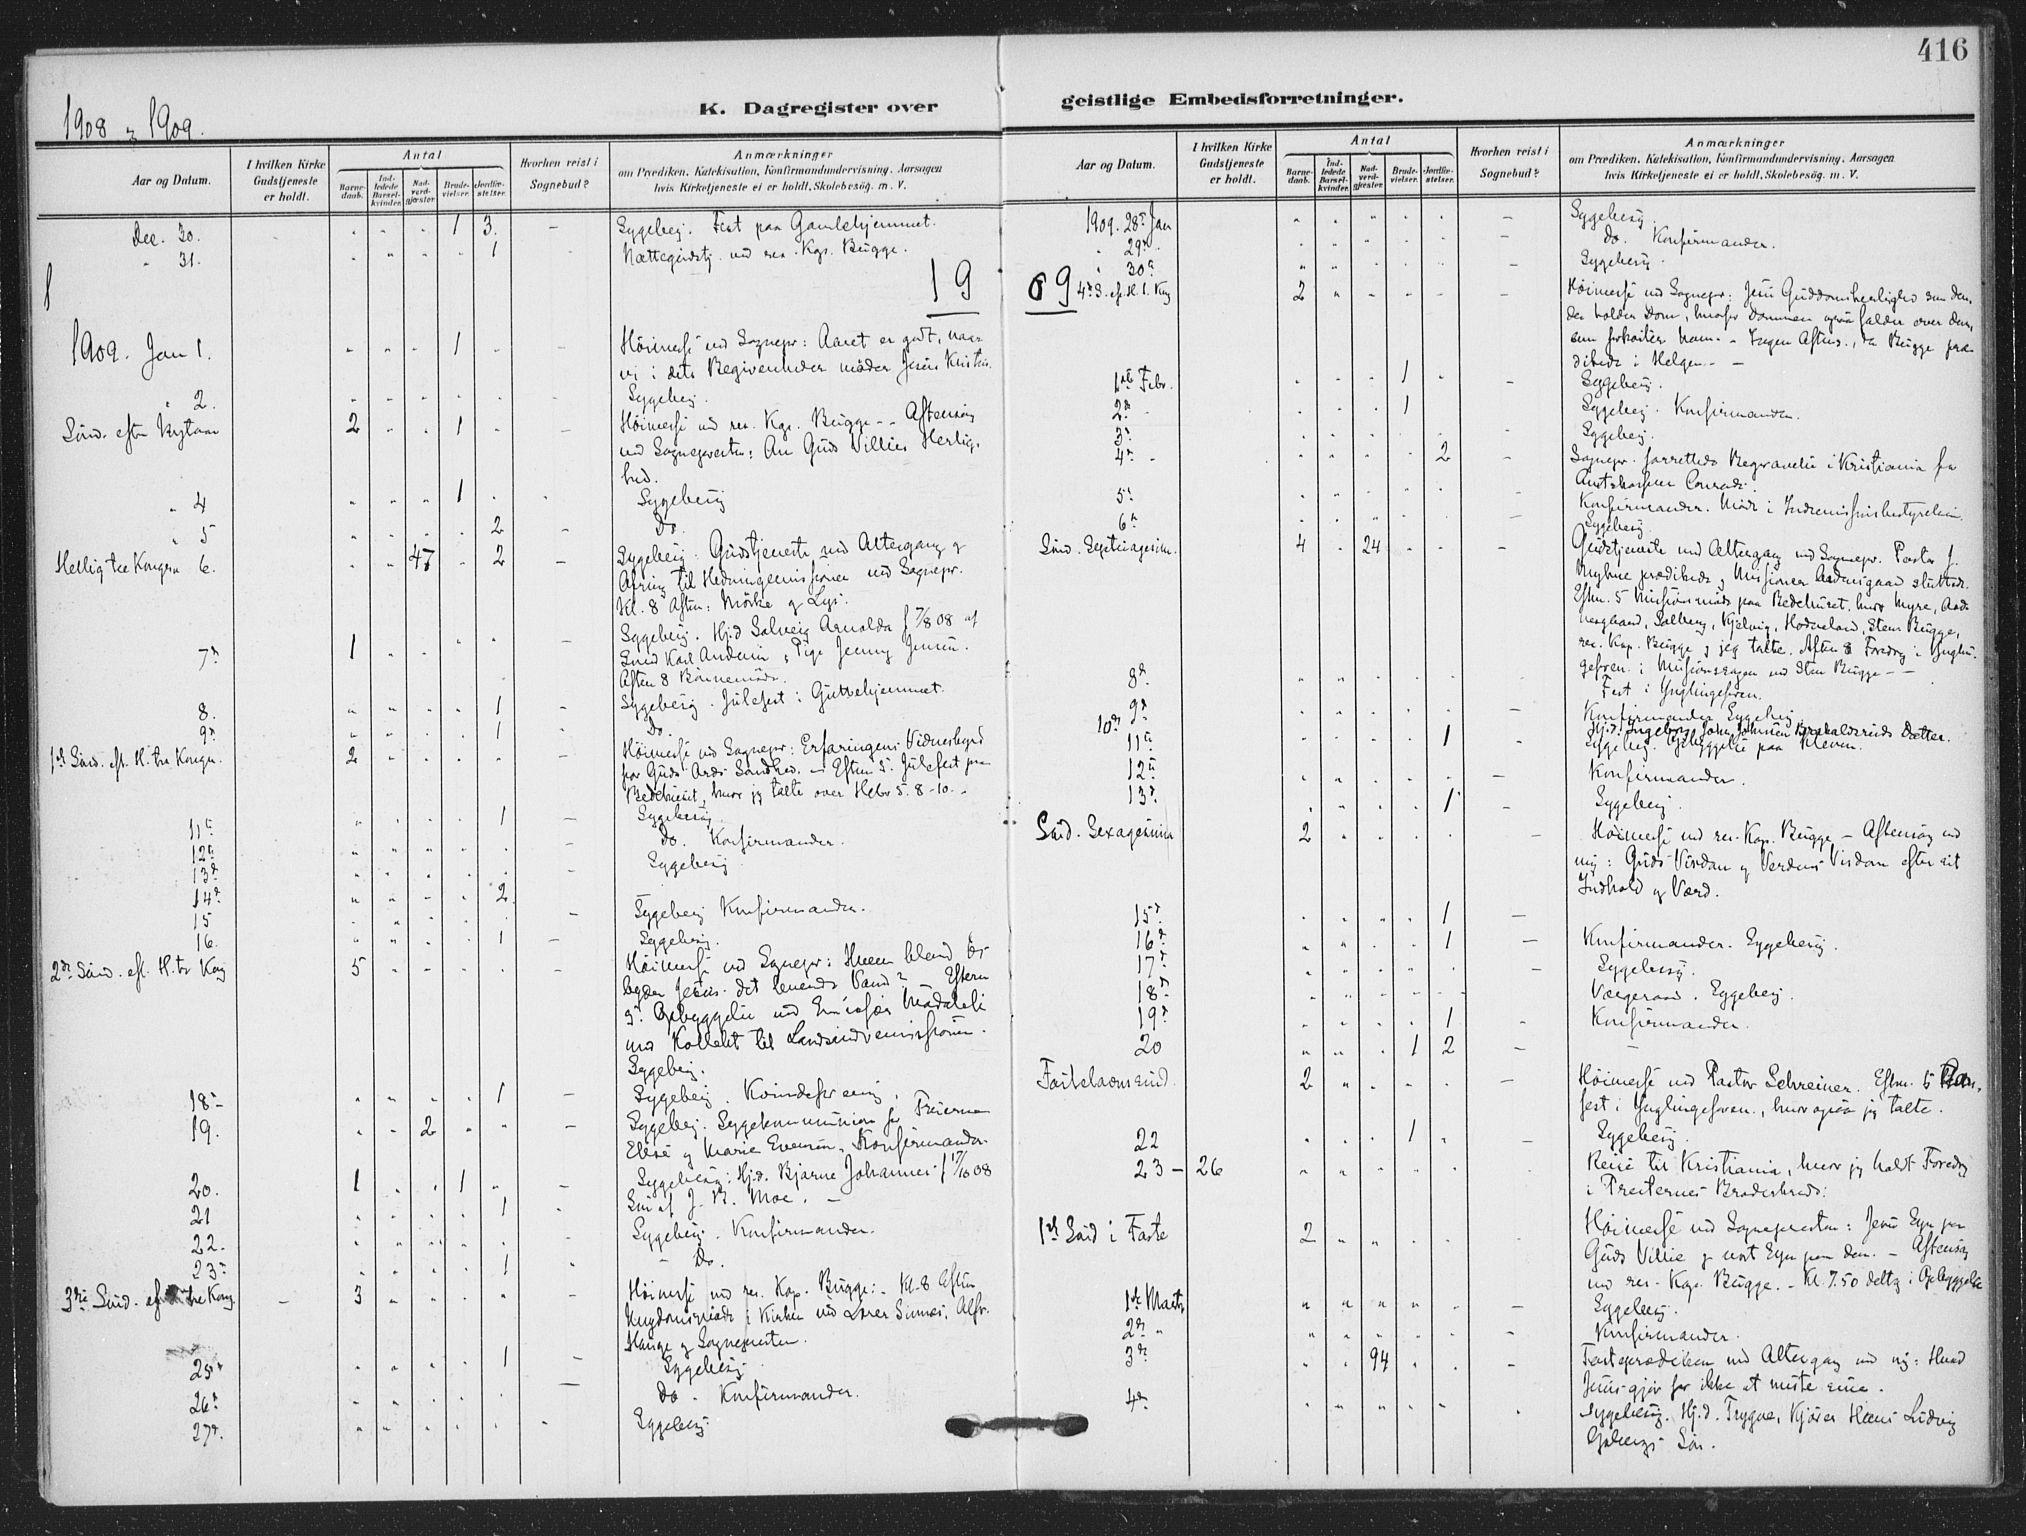 SAKO, Skien kirkebøker, F/Fa/L0012: Ministerialbok nr. 12, 1908-1914, s. 416